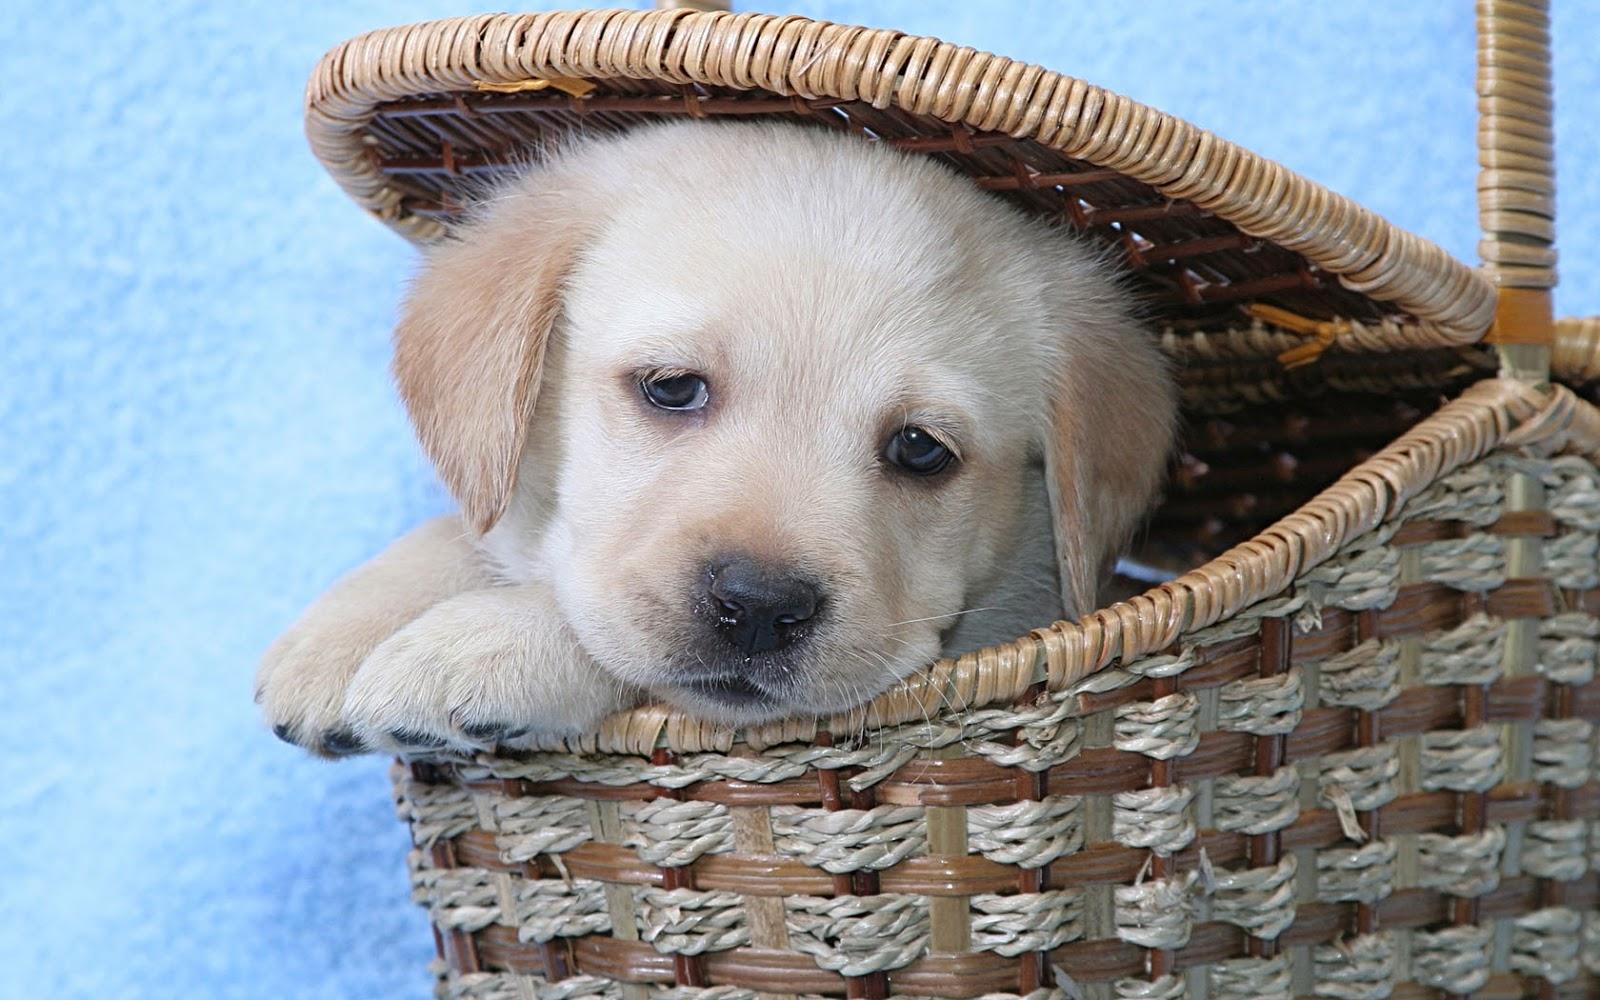 http://4.bp.blogspot.com/-pvhCtu8wRM8/UNDaHn6LhoI/AAAAAAAAI-o/oiaisezZkuY/s1600/wallpaper-of-a-labrador-puppy-sitting-in-a-basket-hd-dog-wallpaper.jpg